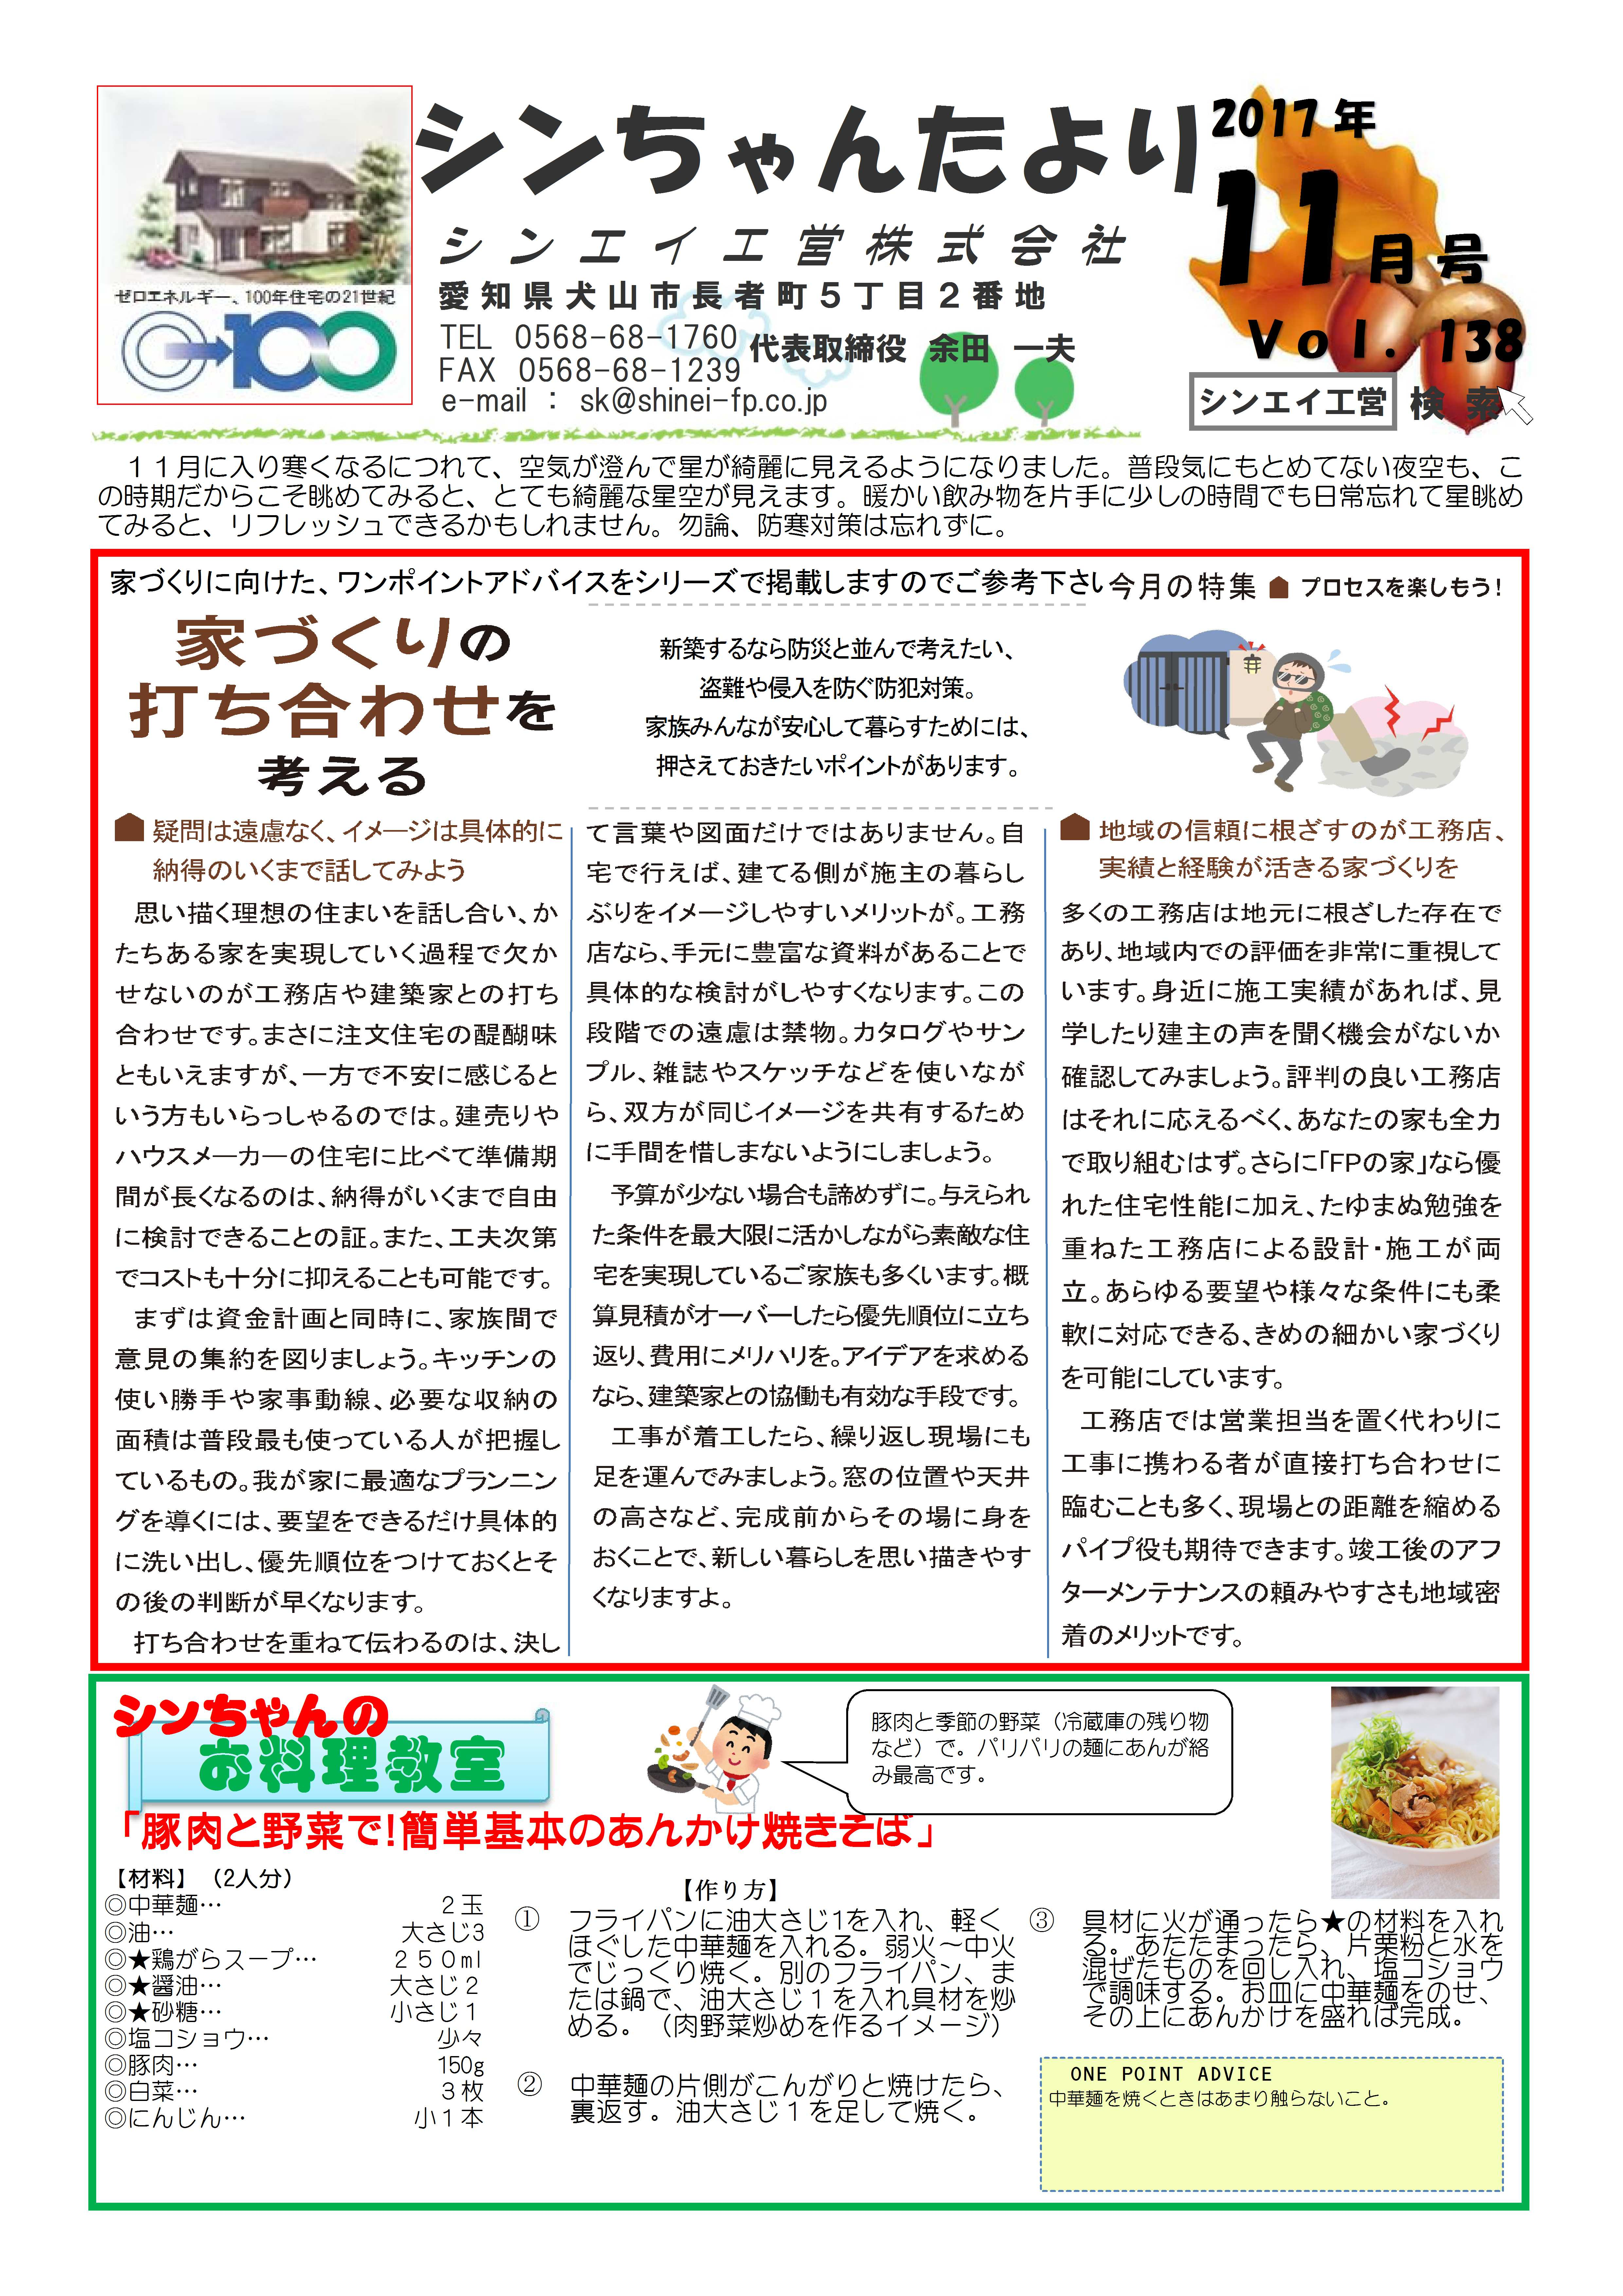 「シンちゃんたより」(11月号)vol.138